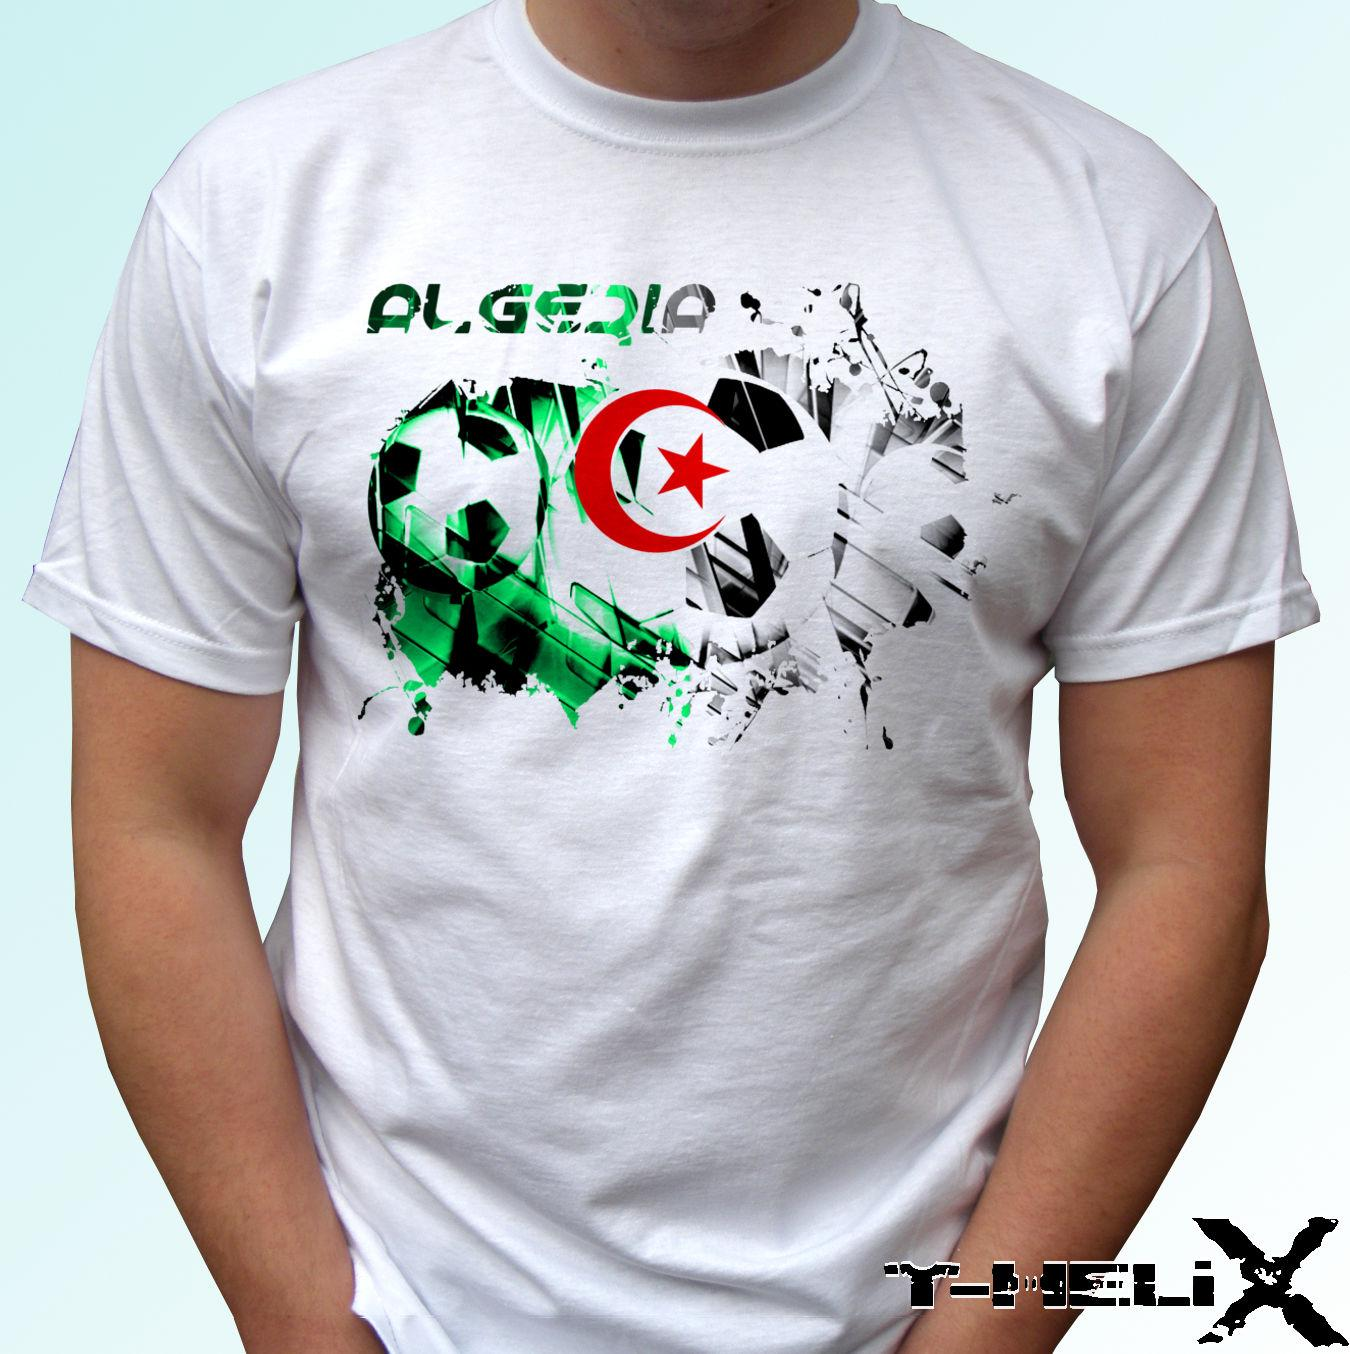 футбол флаг Алжира - белая футболка дизайн верхней части - мужской женский детских размерами ребенка Прохладных Повседневной гордости тенниски людей Unisex Новая мода